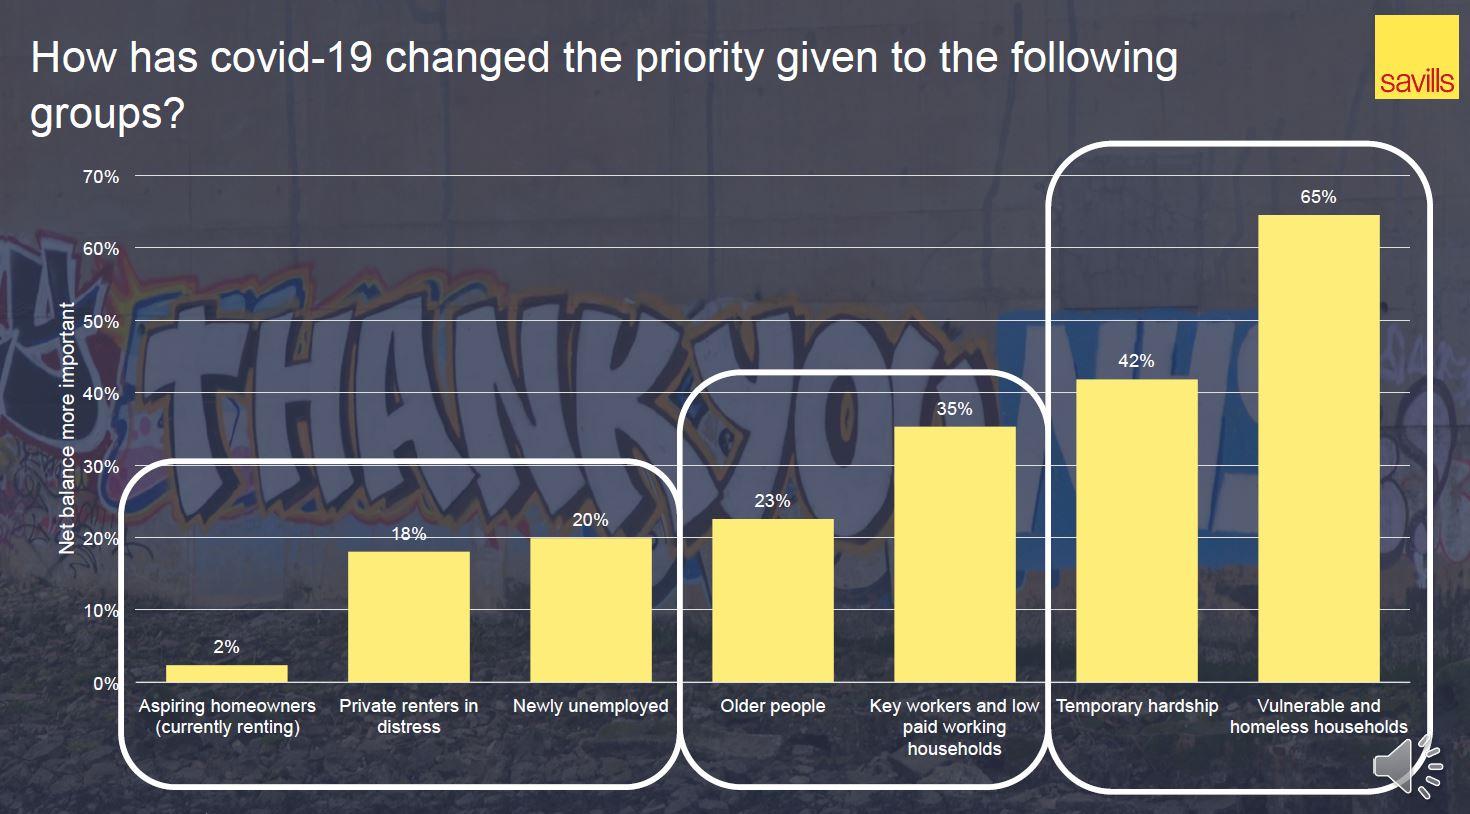 Graph 2: Savills (click to expand)